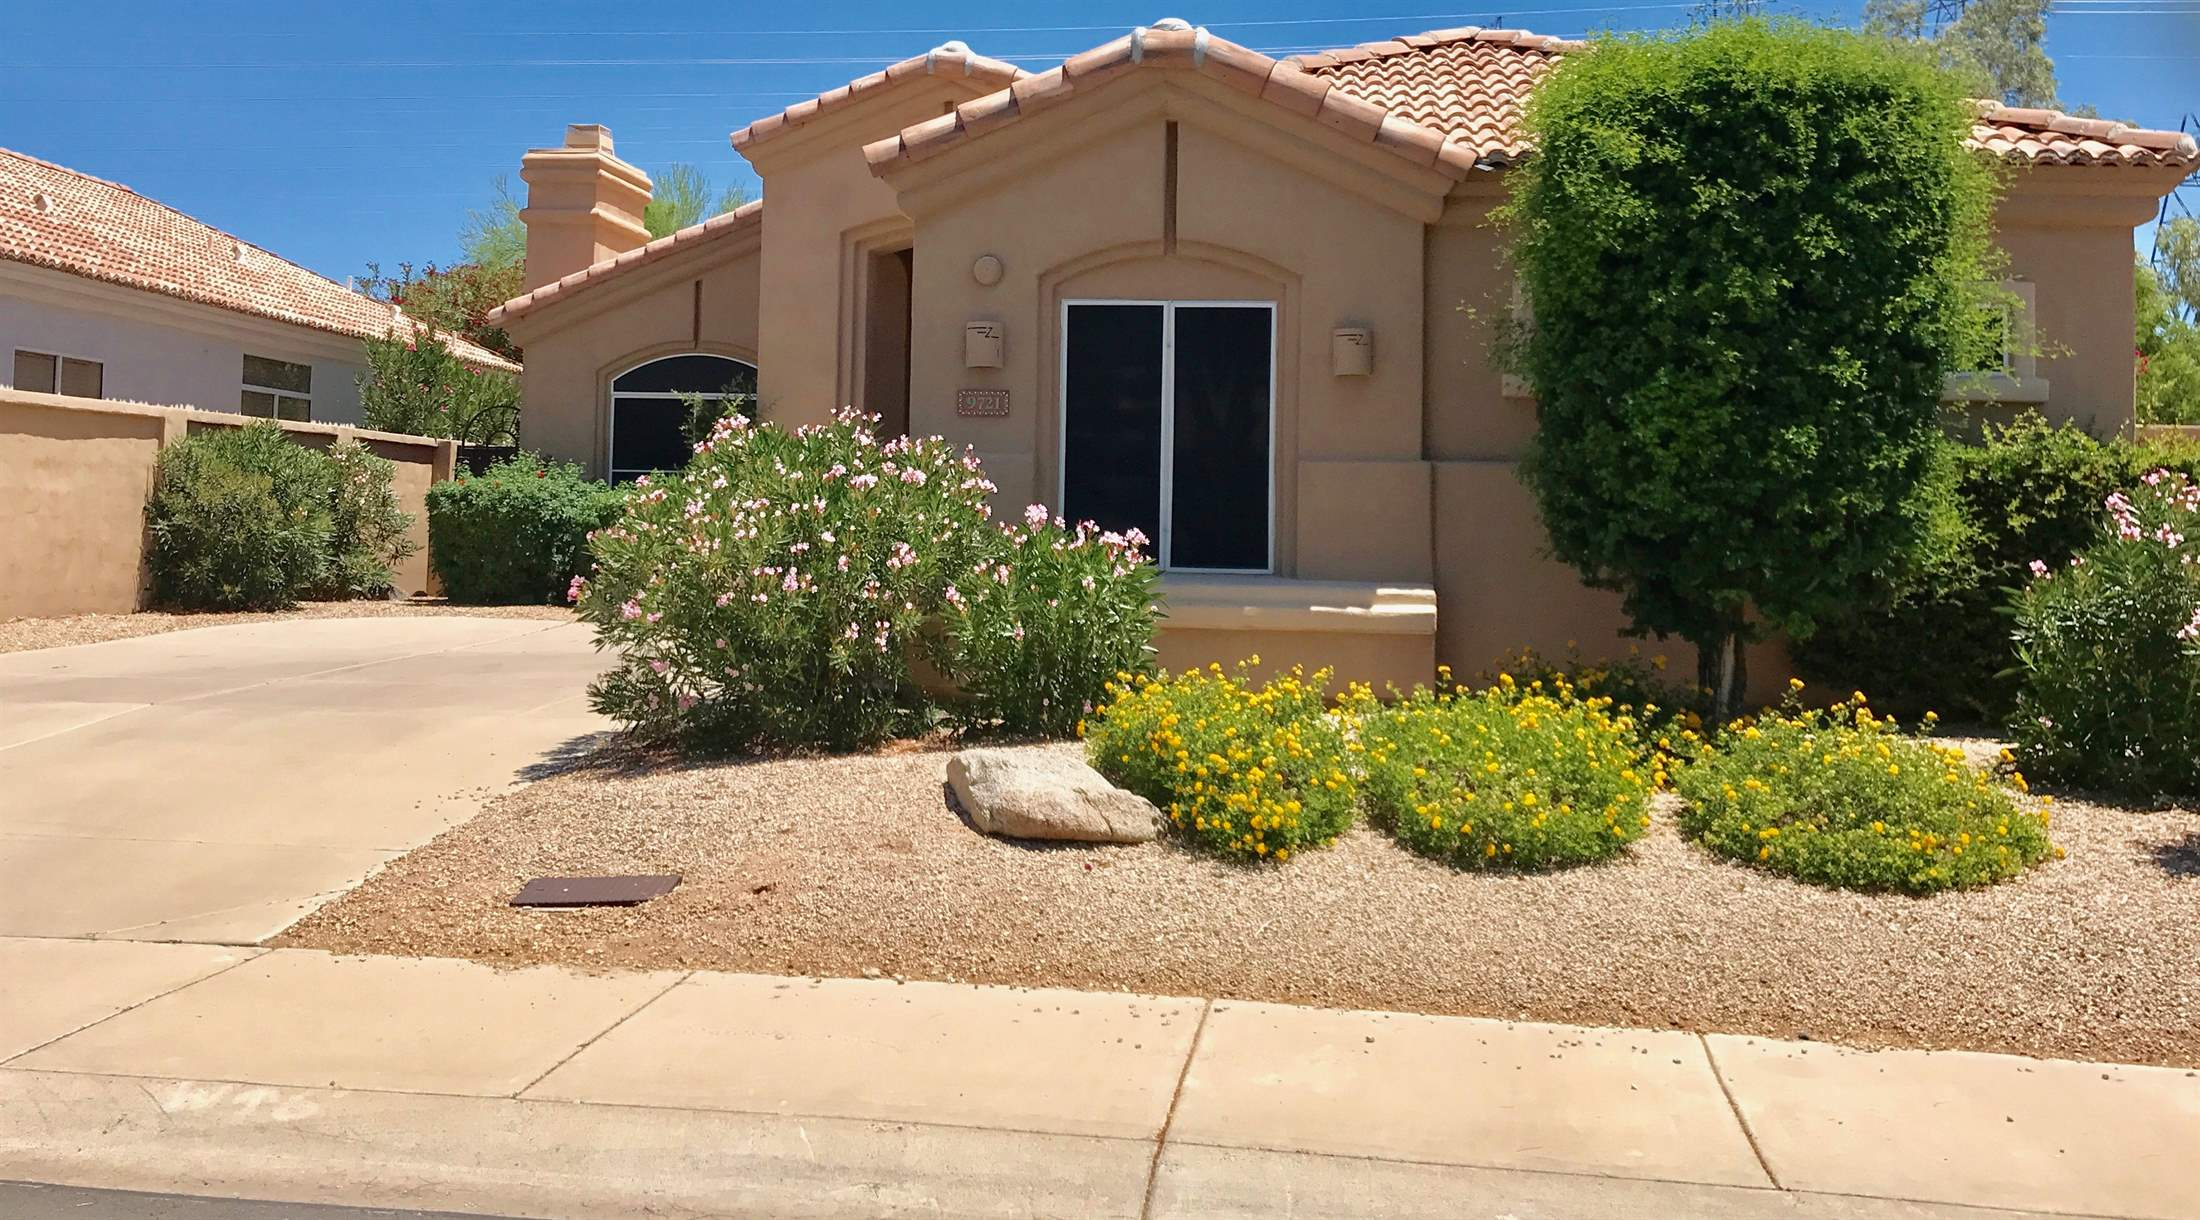 9721 N 118th Way, Scottsdale, AZ 85259